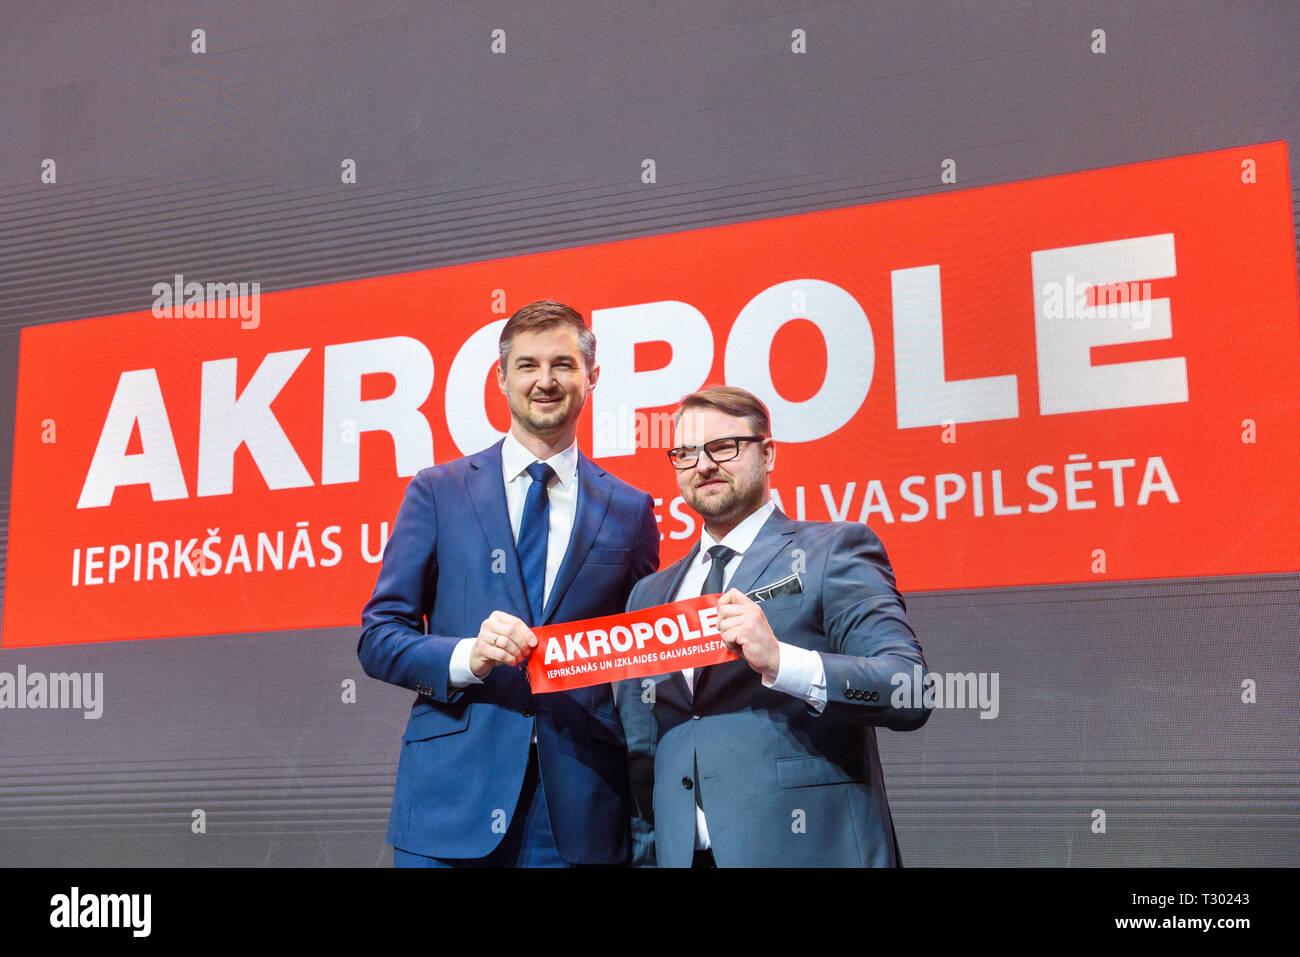 04.04.2019. RIGA, LETONIA. Vytautas Labeckas CEO de Akropolis y Kaspars Beitins, CEO de SIA AKROPOLE RIGA con lente roja, durante Akropole compras Imagen De Stock